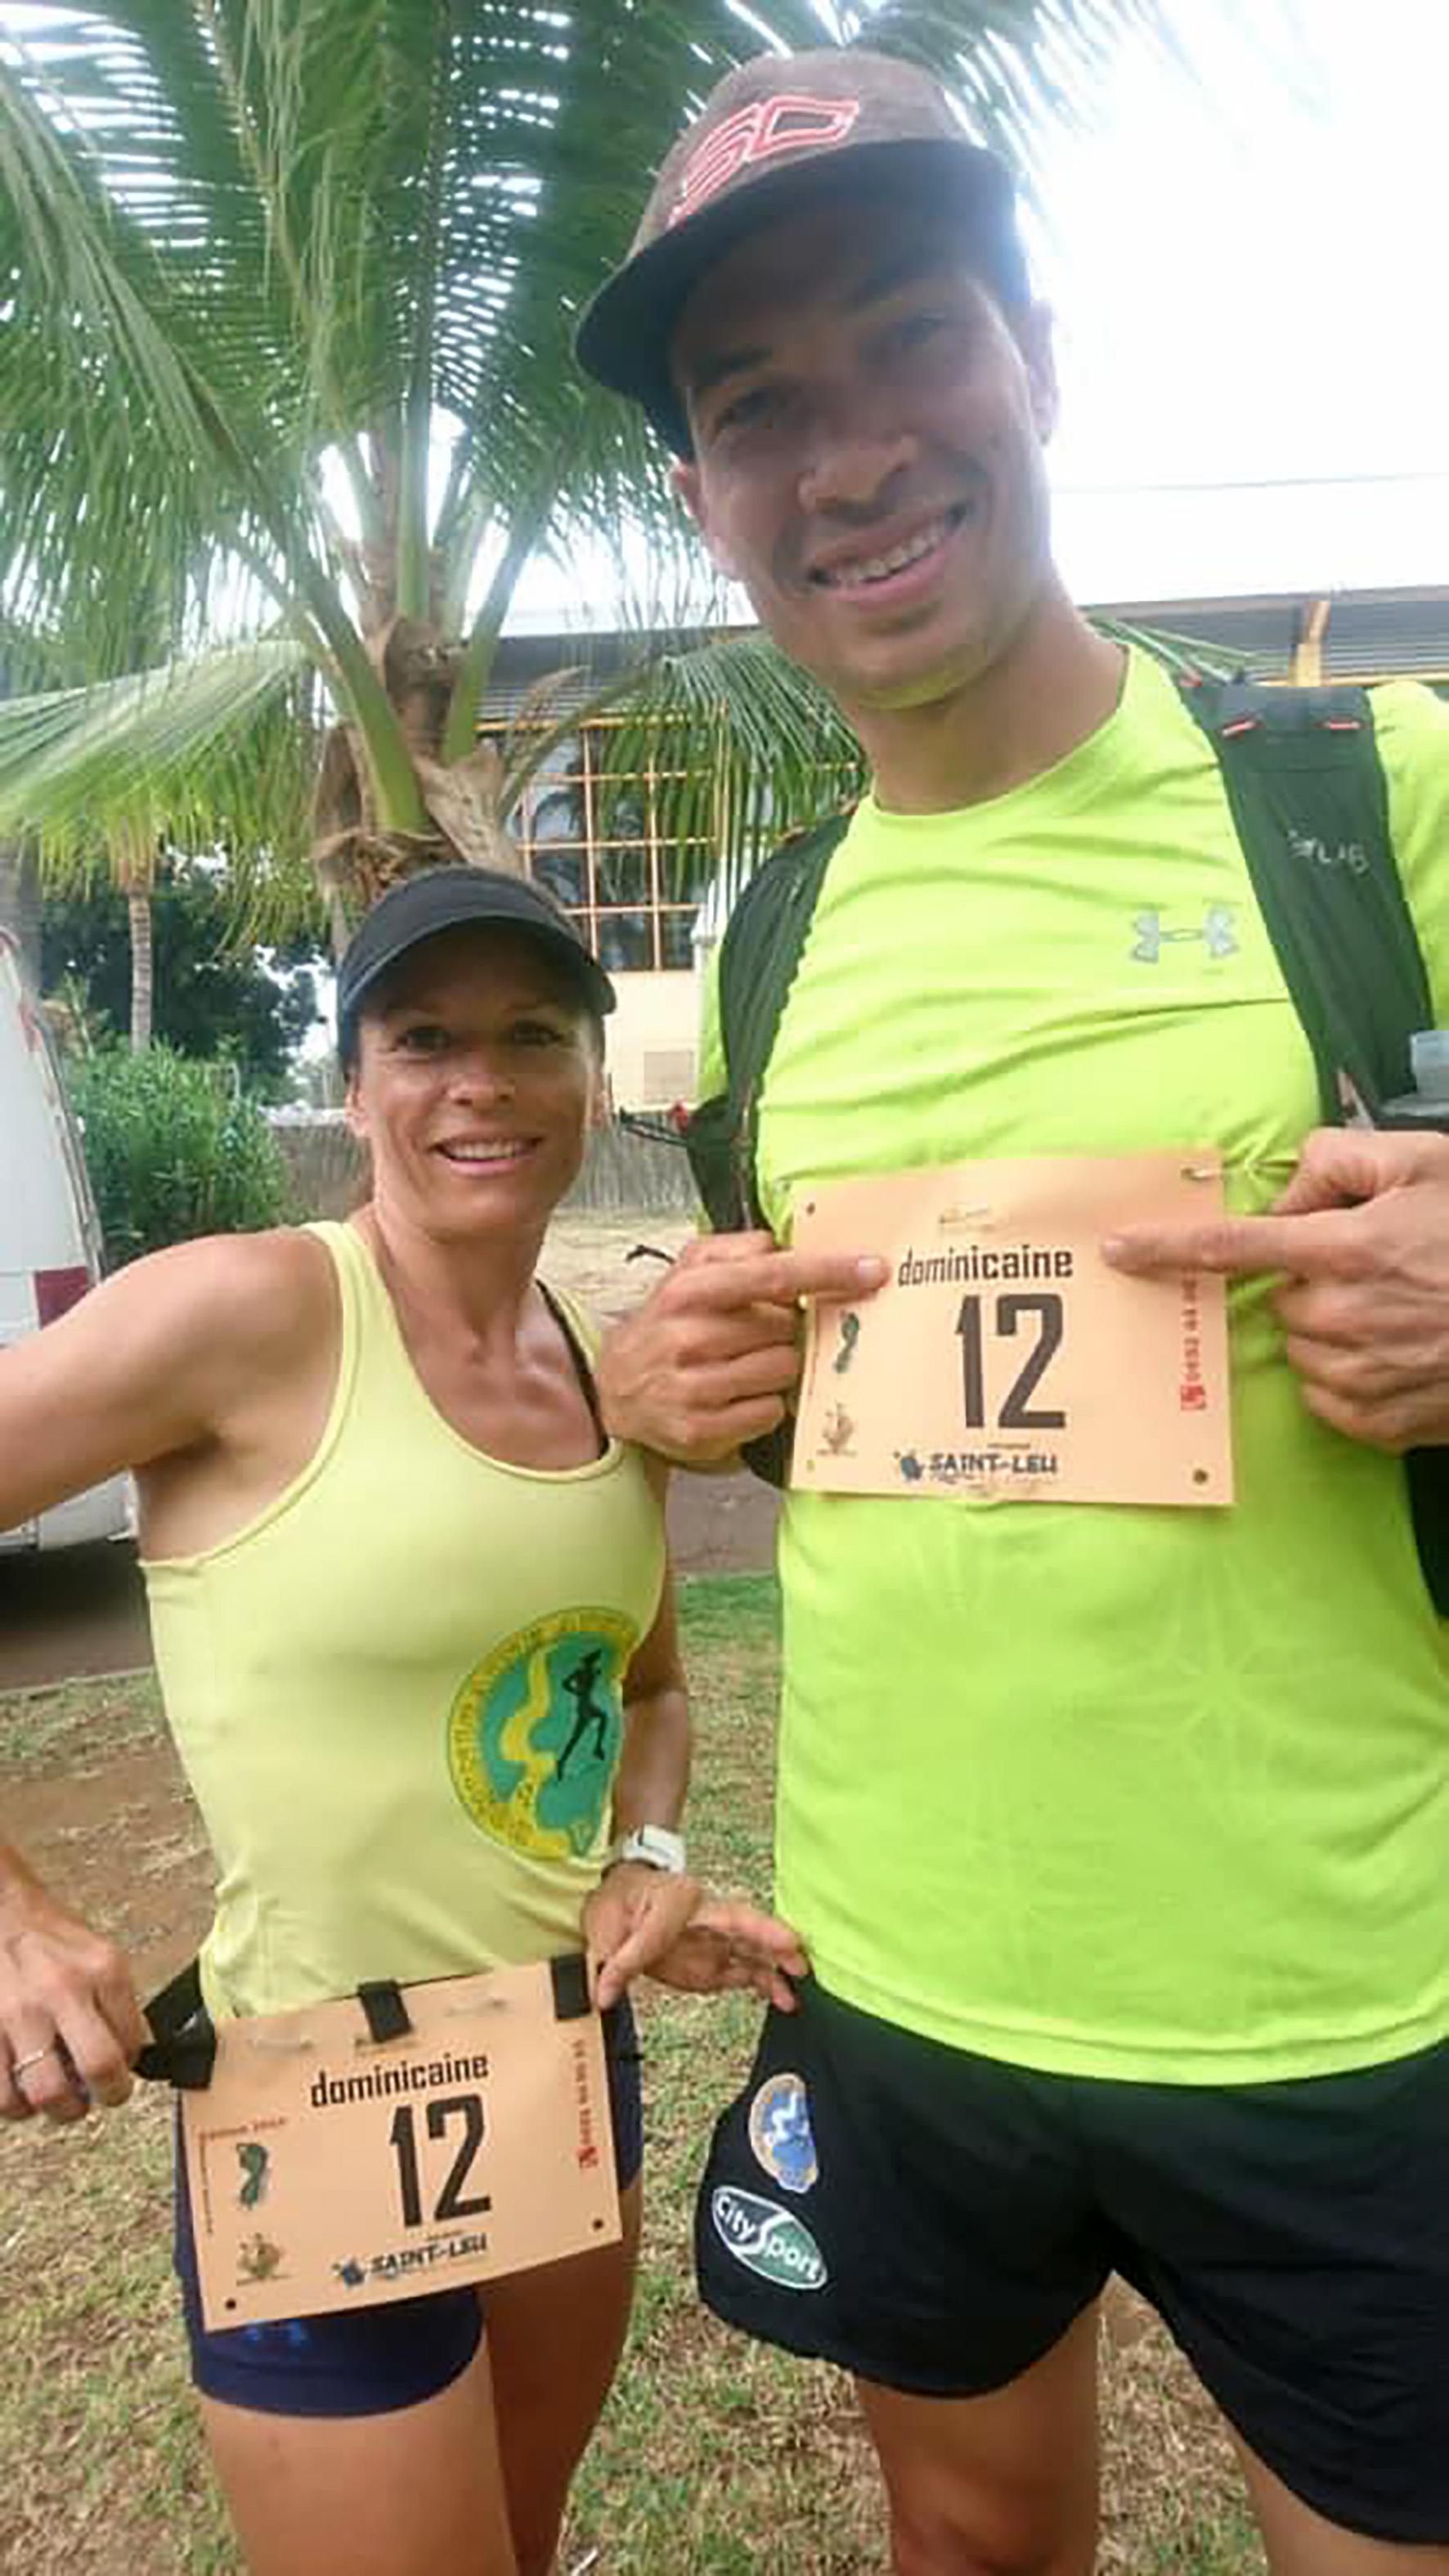 Nicolas et Julie Rivière de la Dominicaine Athlétisme